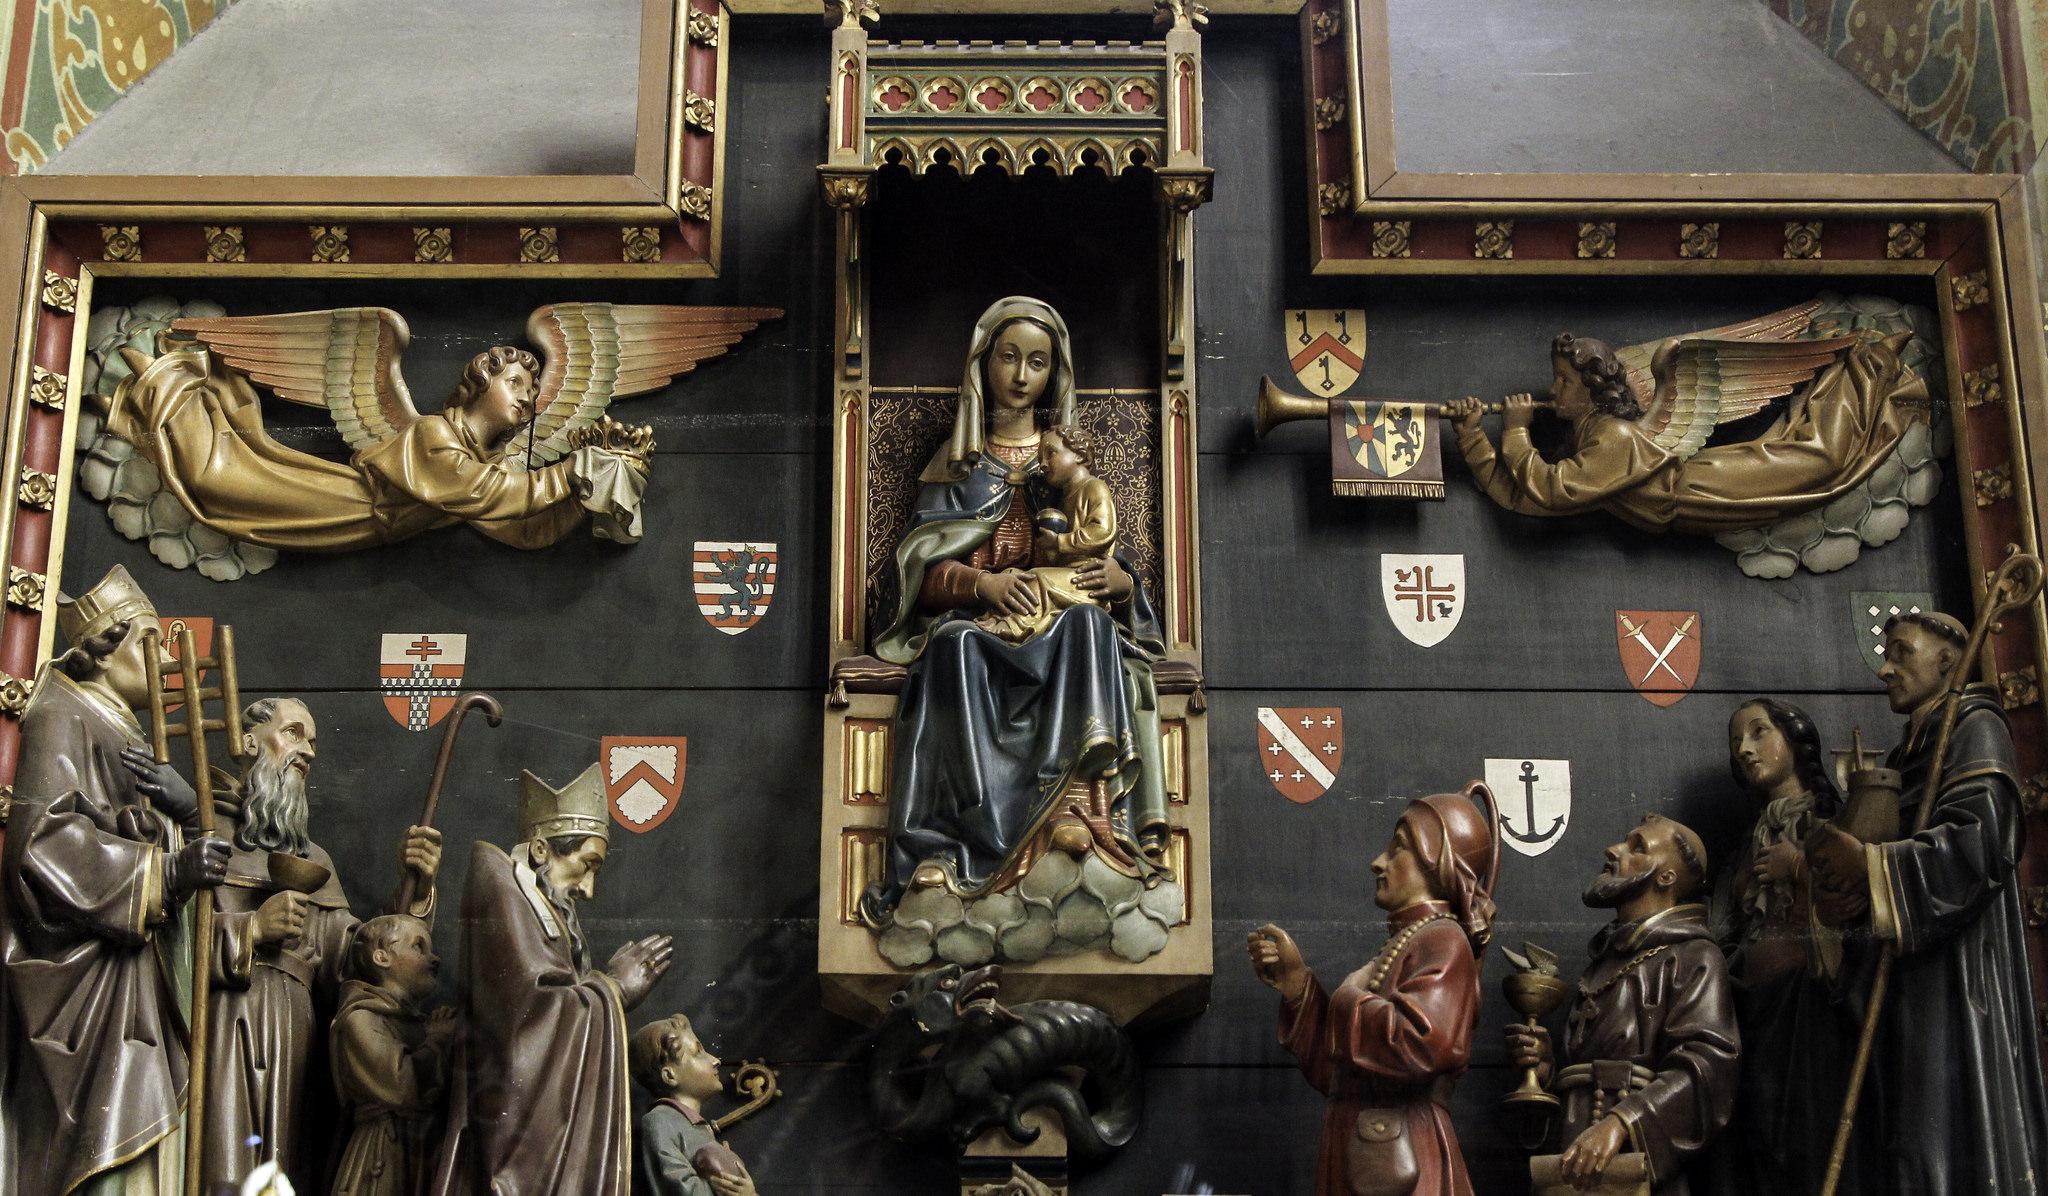 Zjevení, Panna Marie, křesťanství, náboženství, kaple, anděl (foto Lawrence OP)